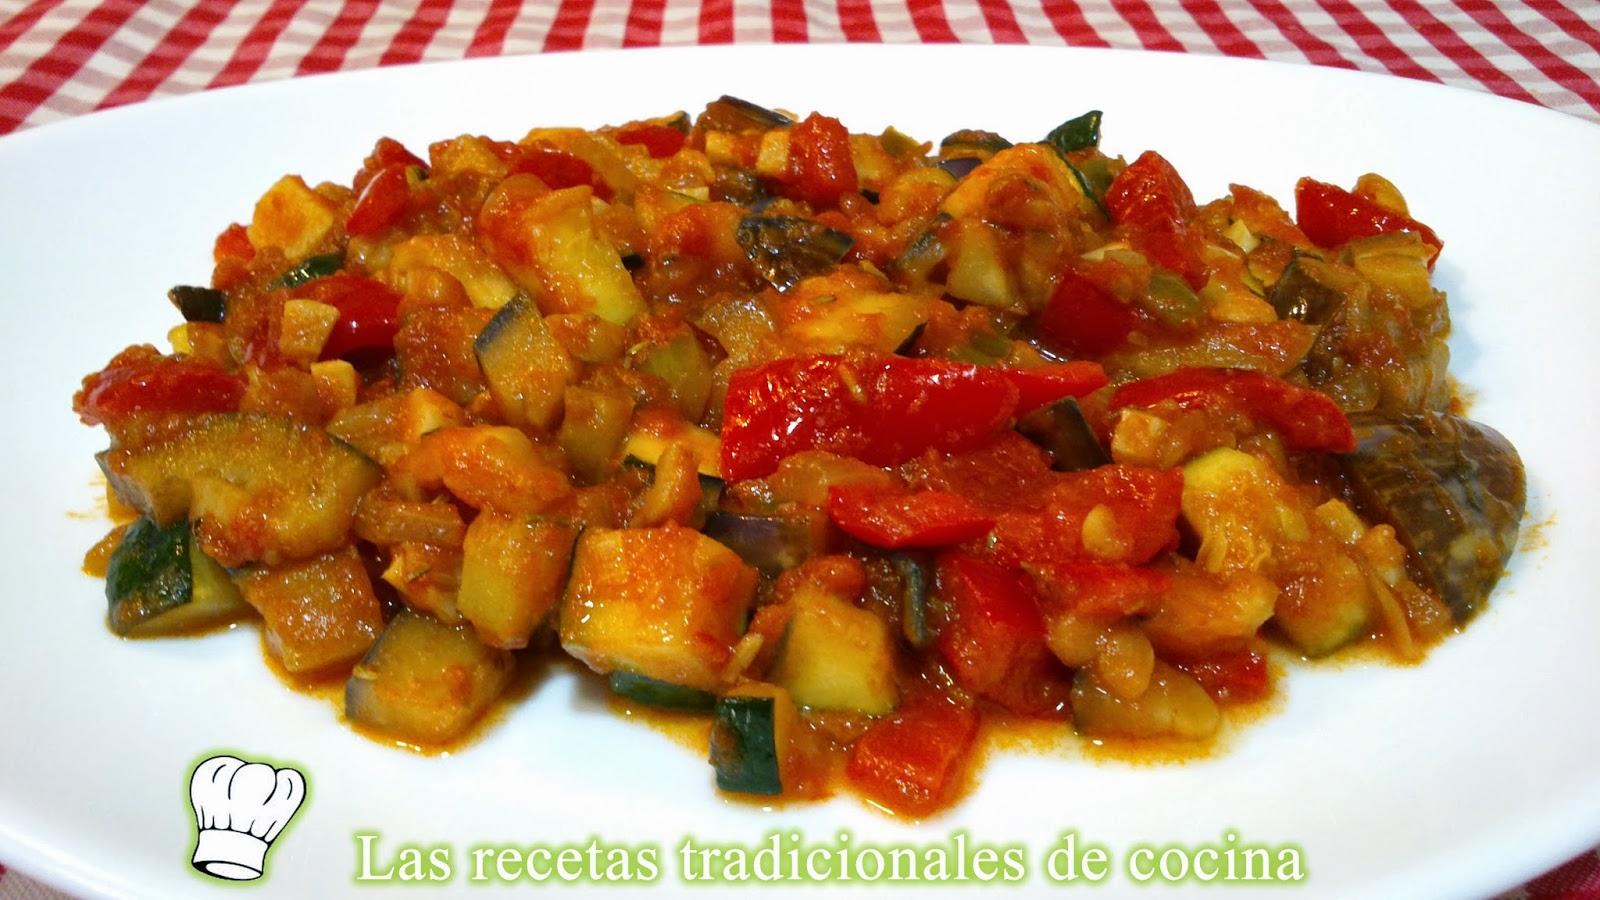 Recetas Tradicionales De Cocina   Receta De La Samfaina Recetas De Cocina Con Sabor Tradicional